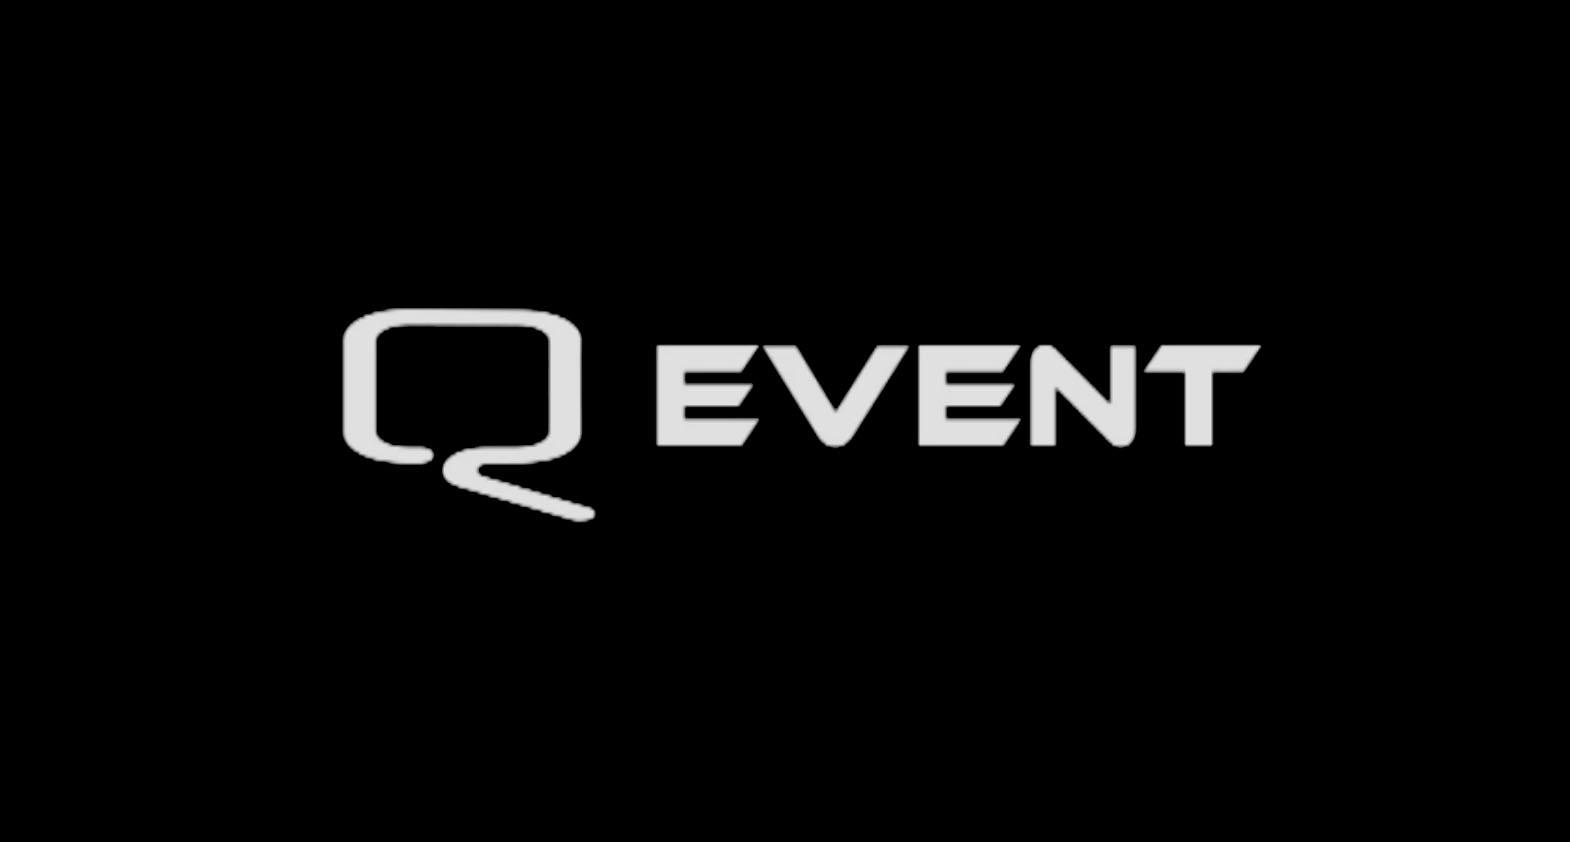 Q EVENT